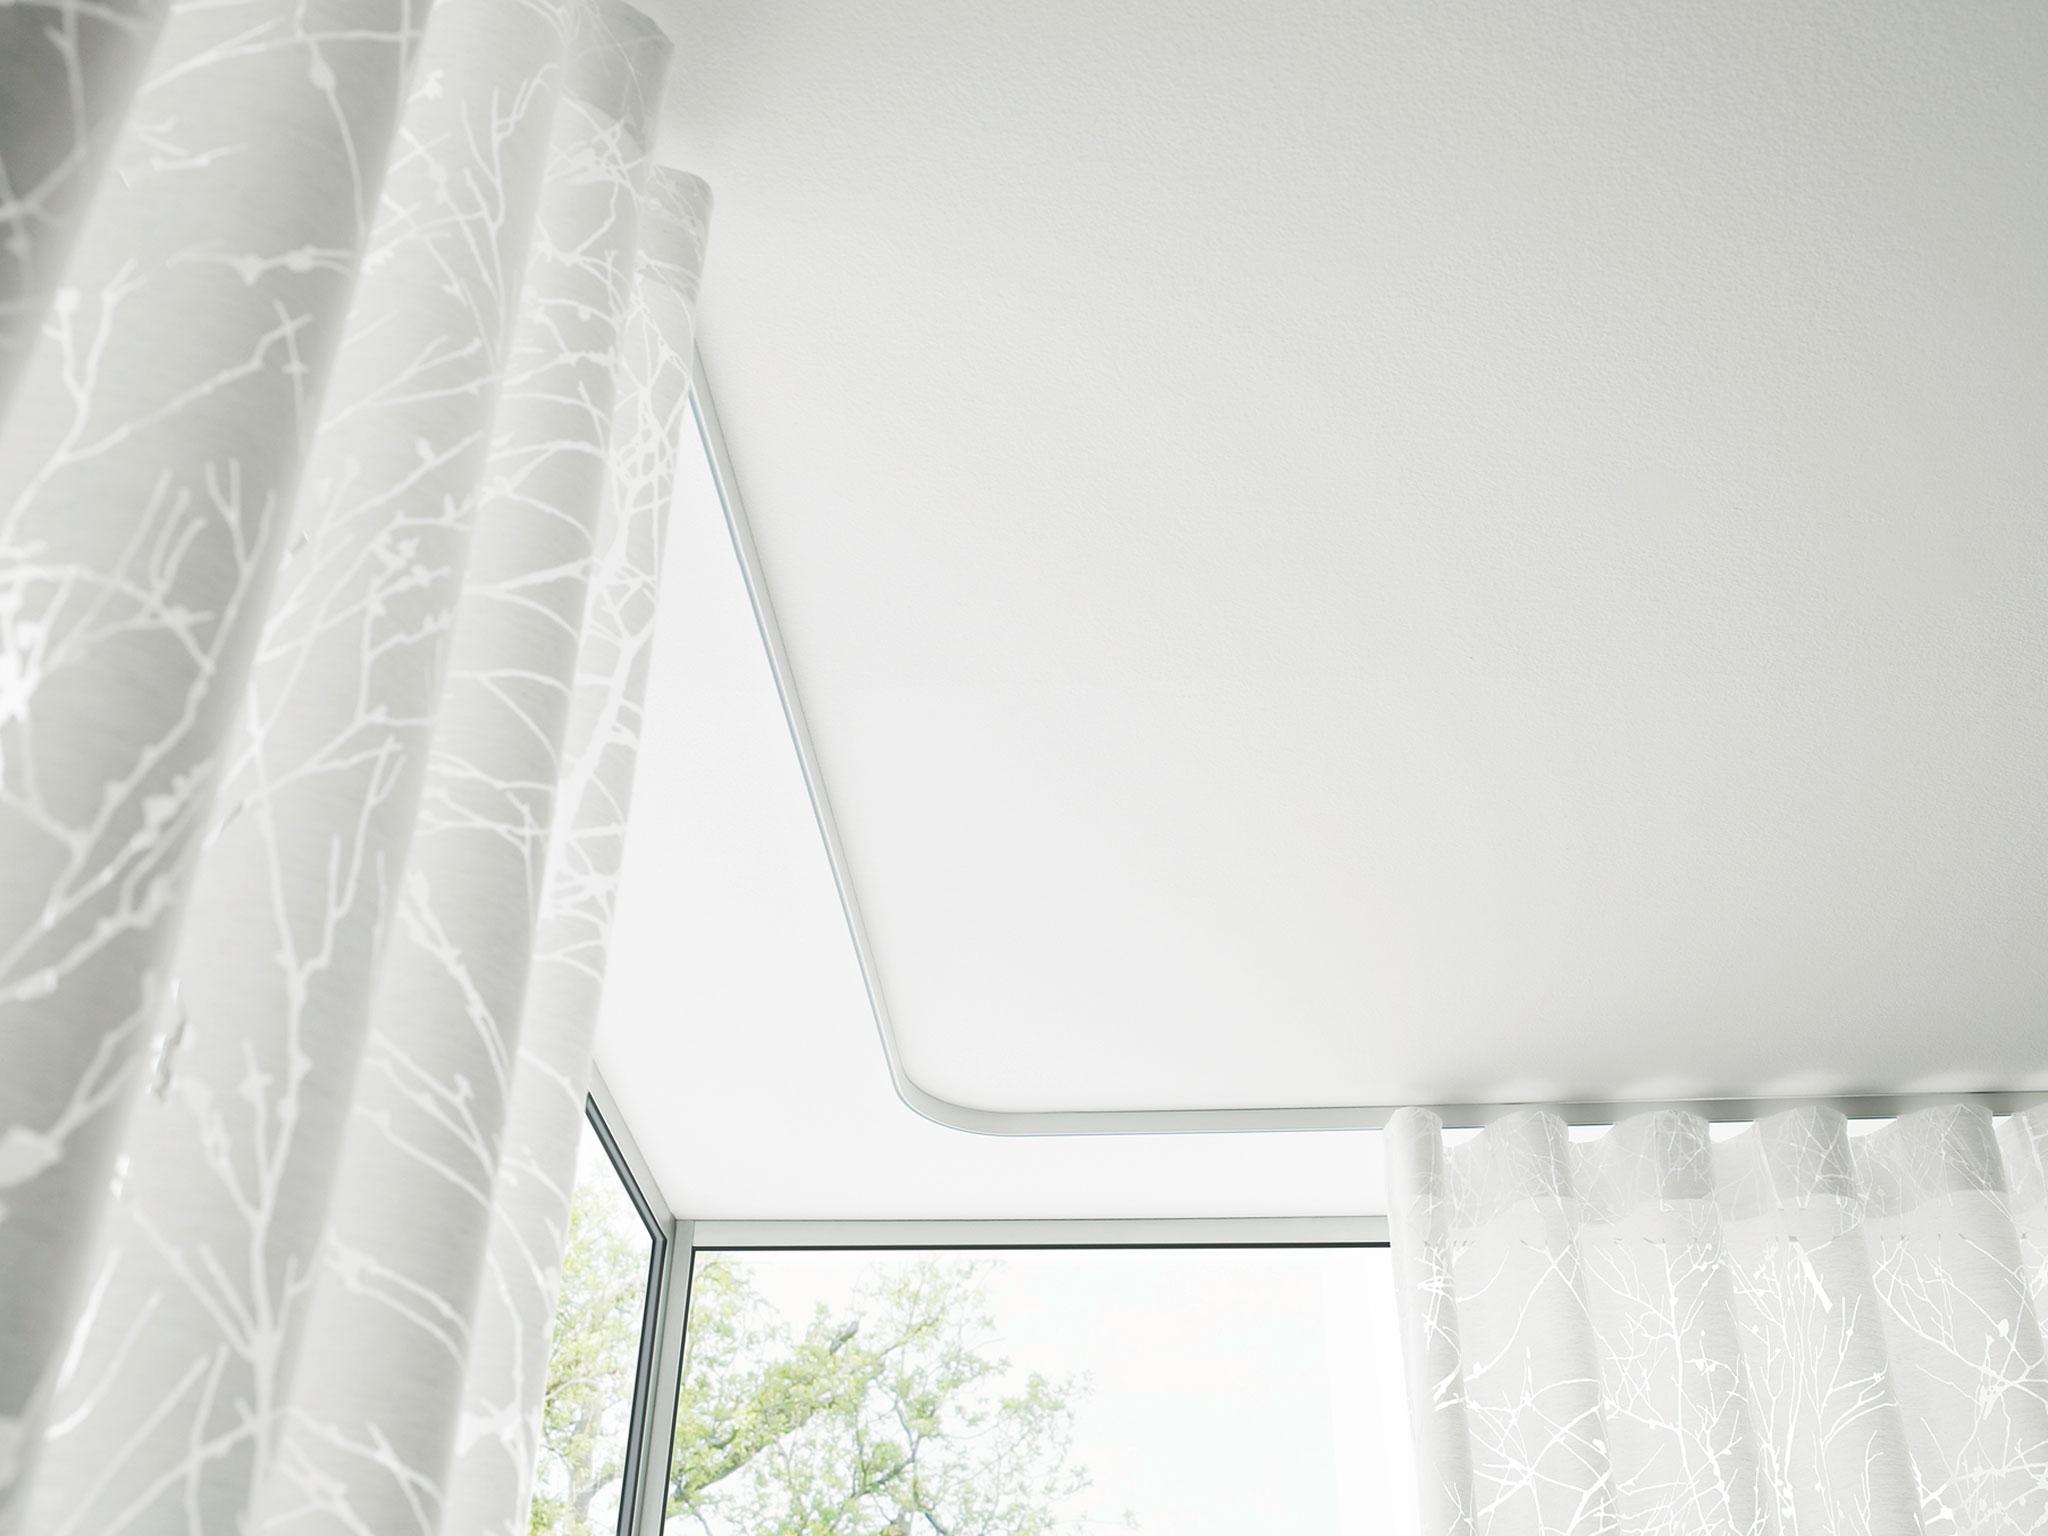 Full Size of Aluschienen Vorhänge Wohnzimmer Schlafzimmer Küche Wohnzimmer Vorhänge Schiene